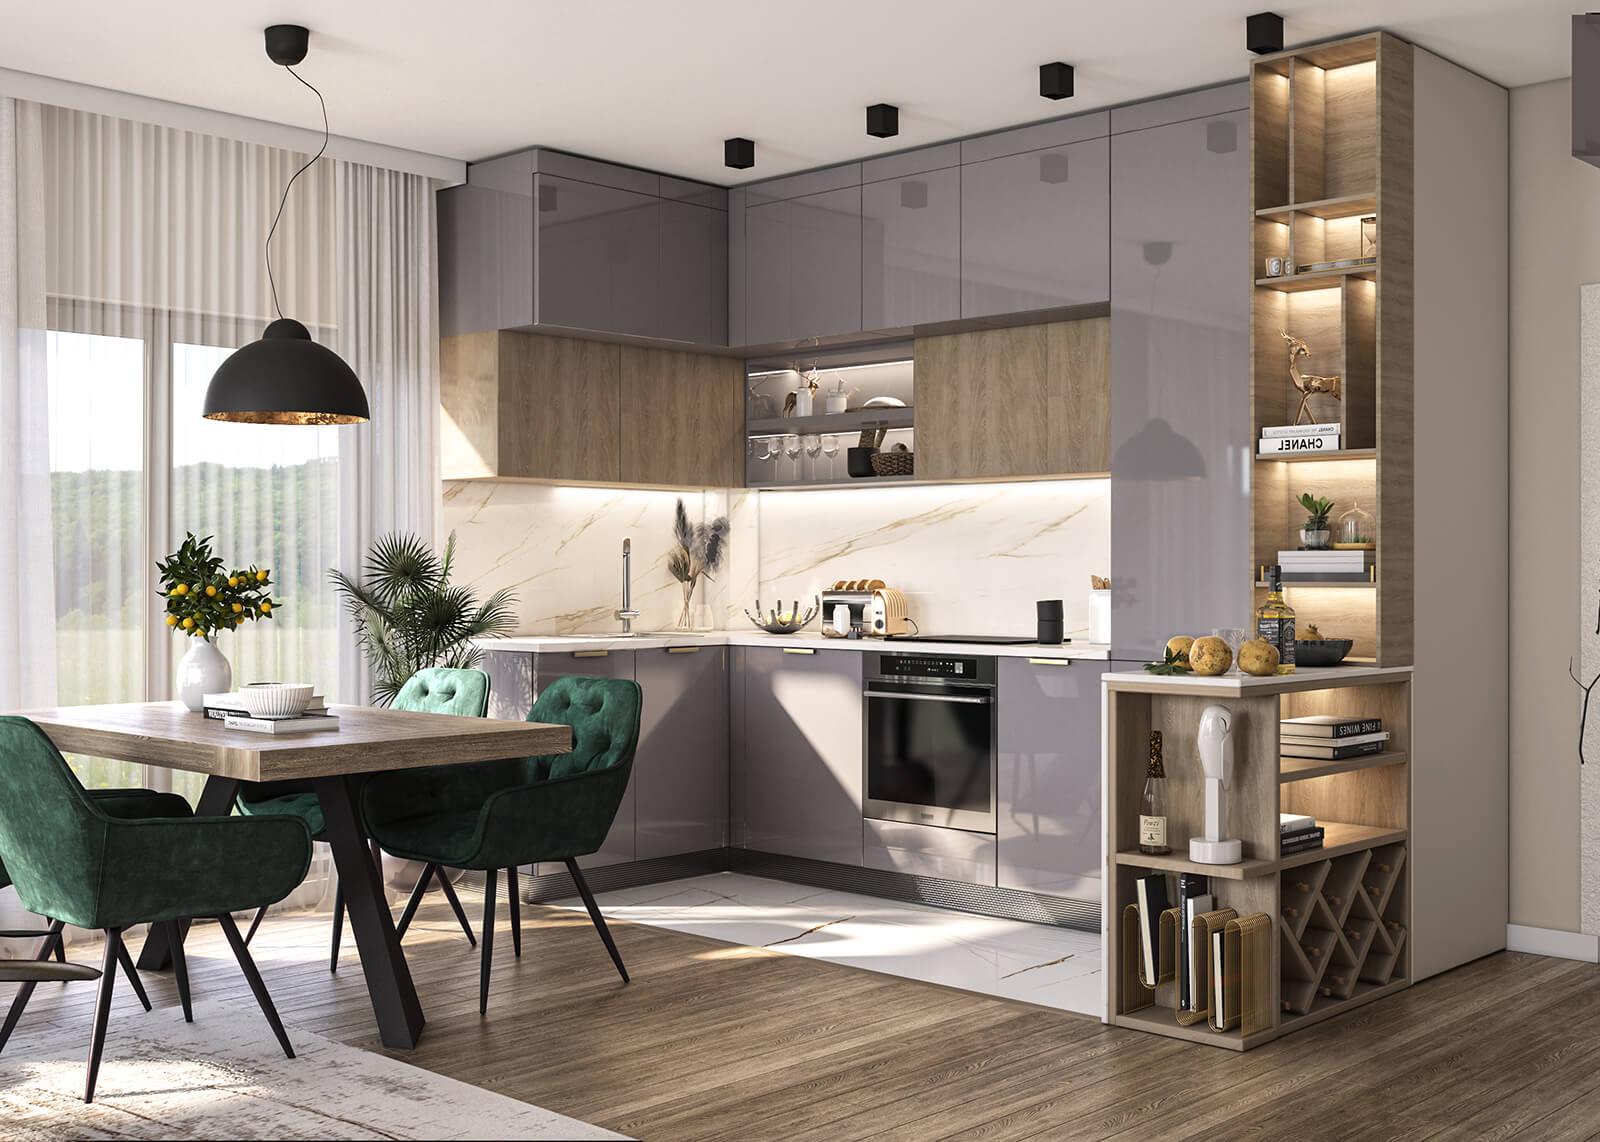 interioren-dizain-sravnenie-na-versia-na-proekt-na-kuhnia-s-trapezaria-2